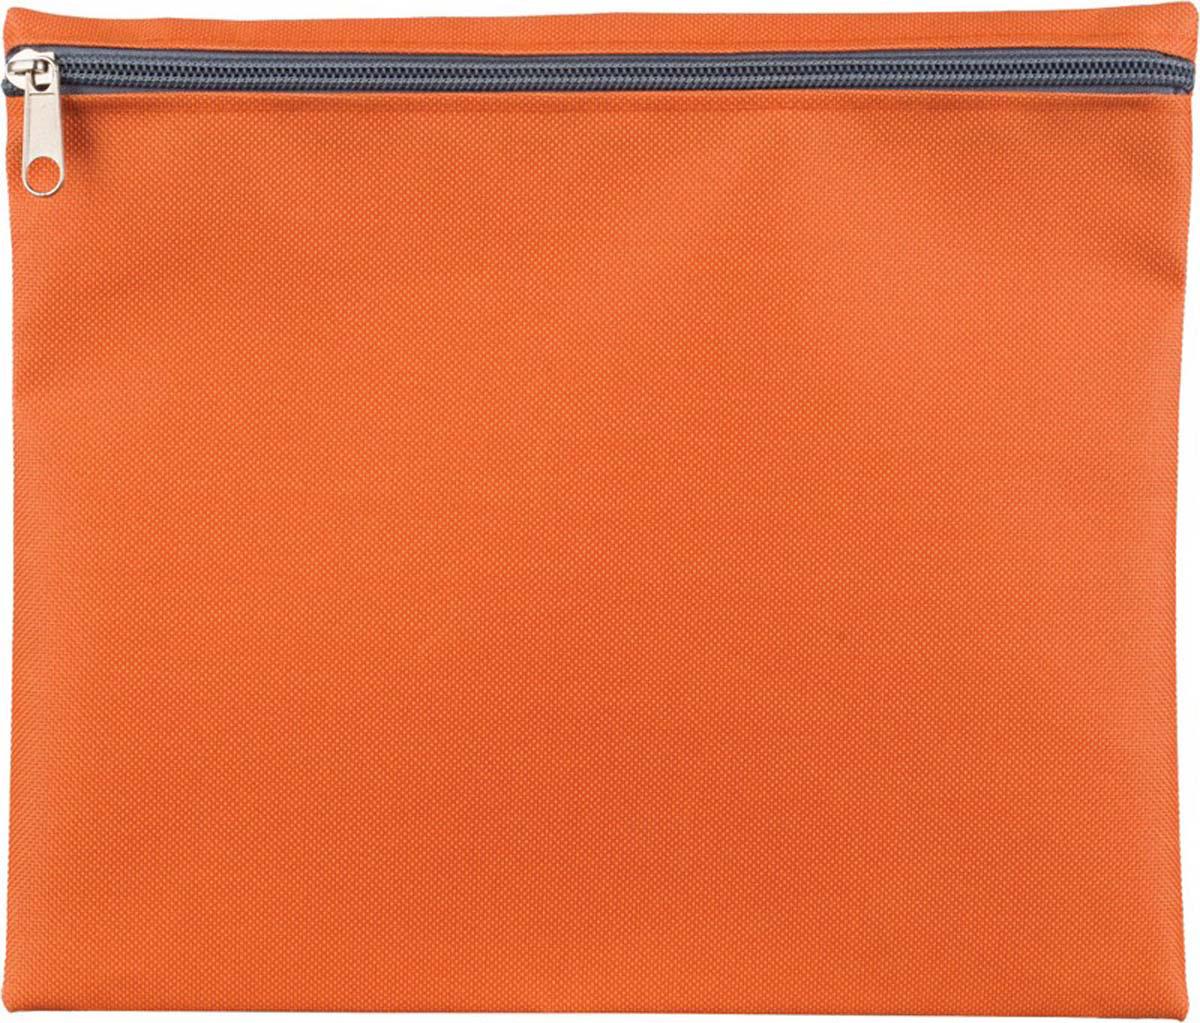 Attache Папка на молнии Fantasy А5 цвет оранжевый